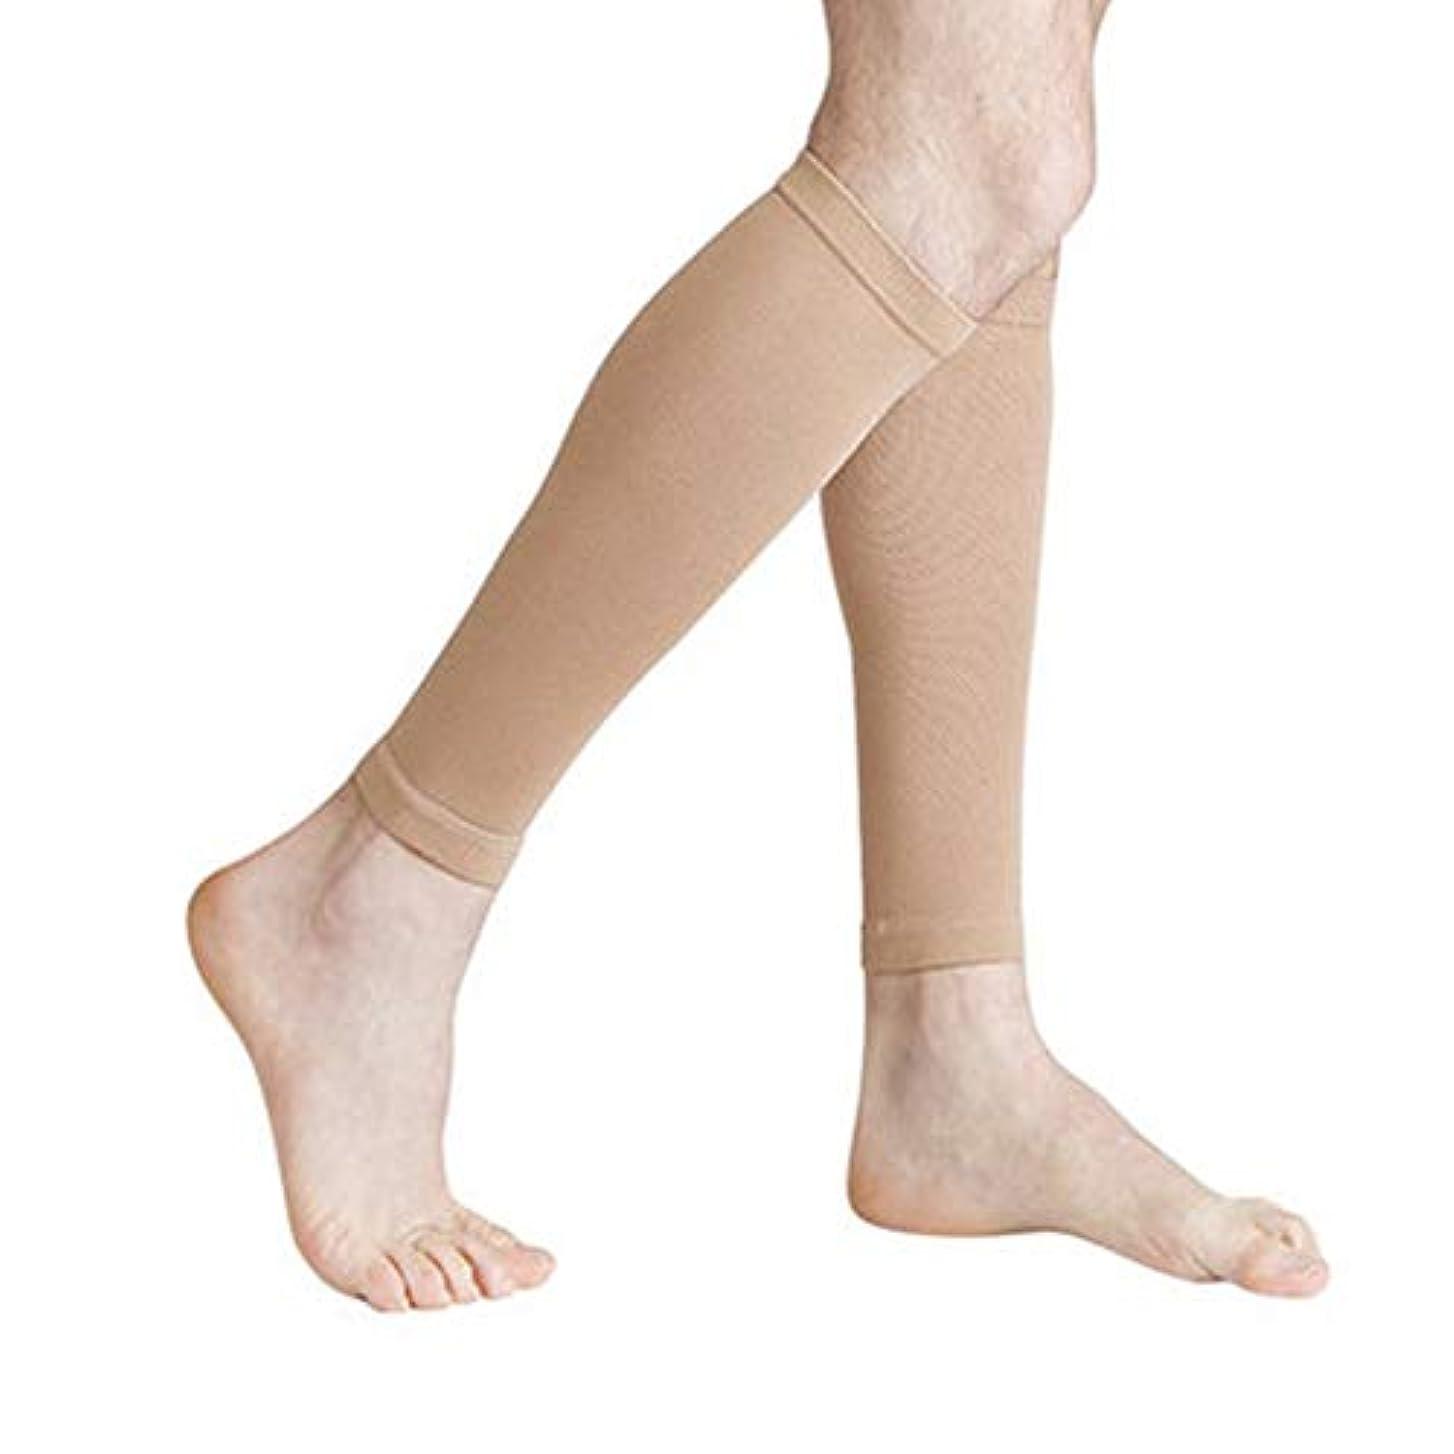 セイはさておきジャケットタービン丈夫な男性女性プロの圧縮靴下通気性のある旅行活動看護師用シントスプリントフライトトラベル - 肌色